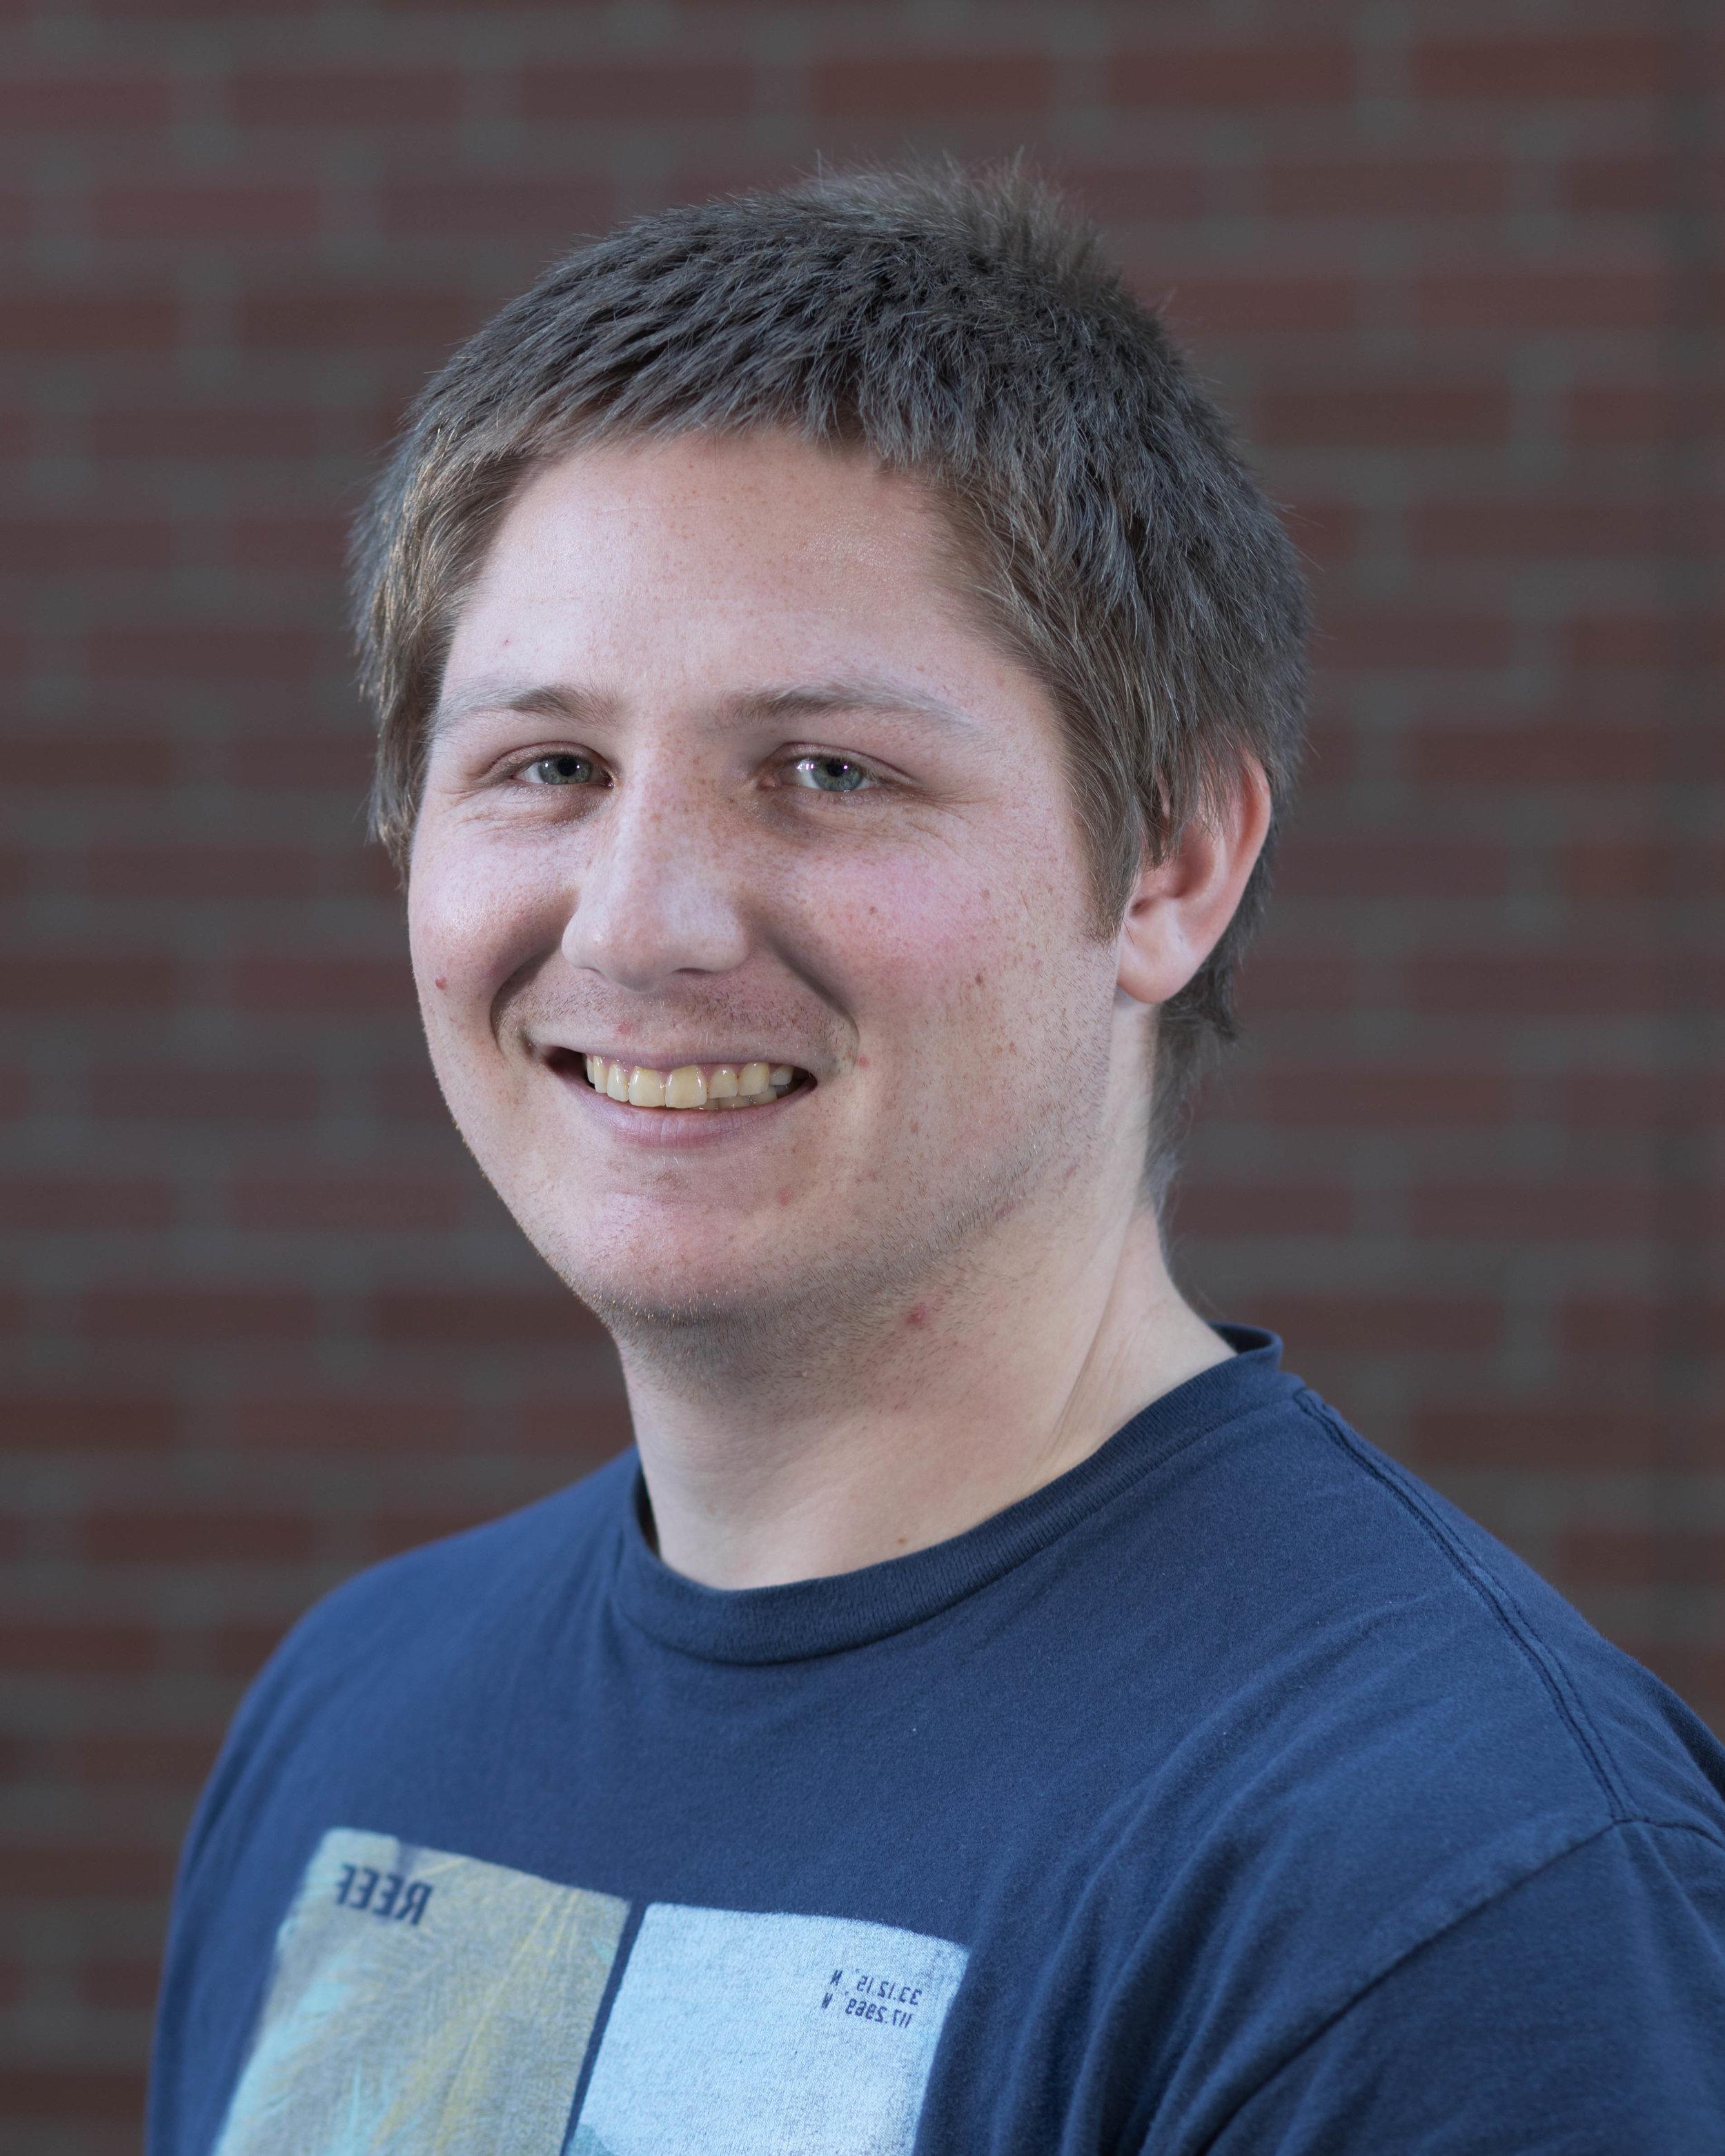 Bryce Jungquist